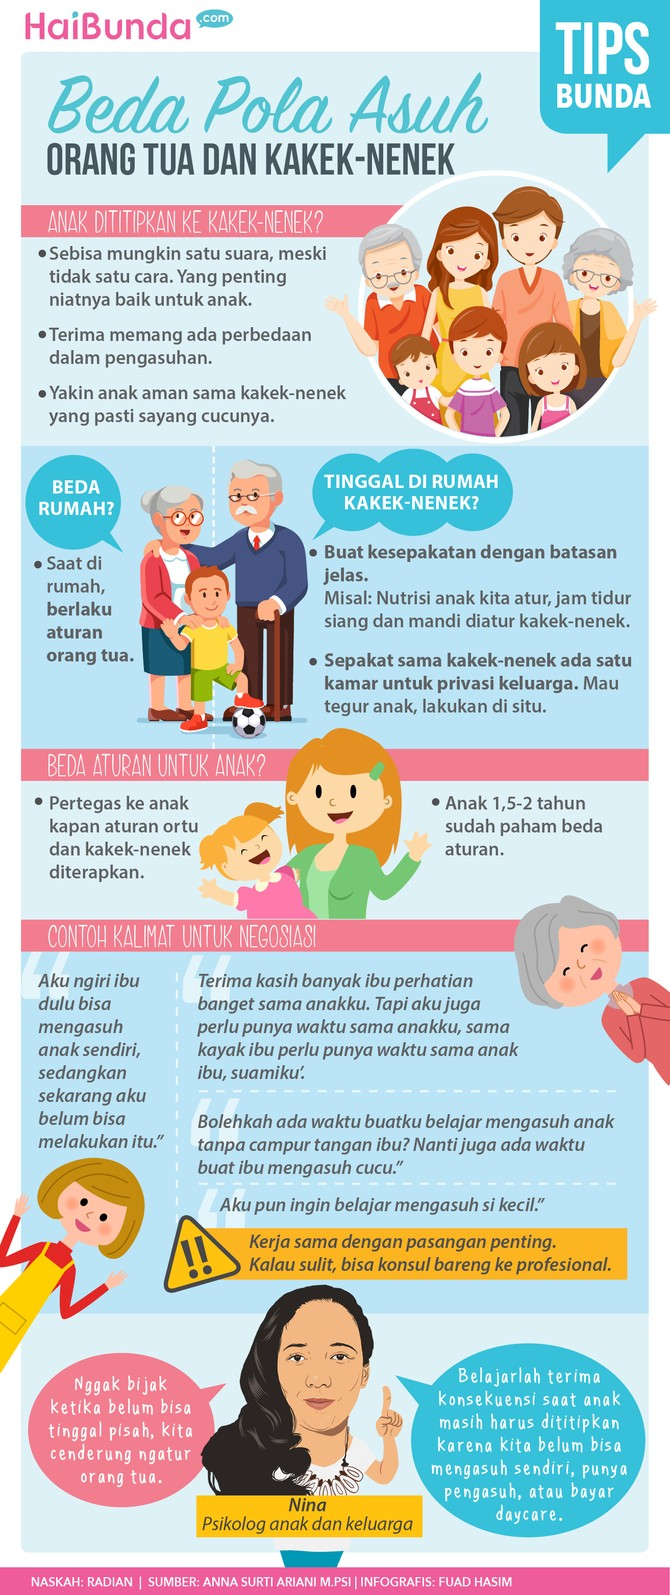 Cara Mengatasi Beda Pola Asuh Orang Tua dan Kakek-Nenek